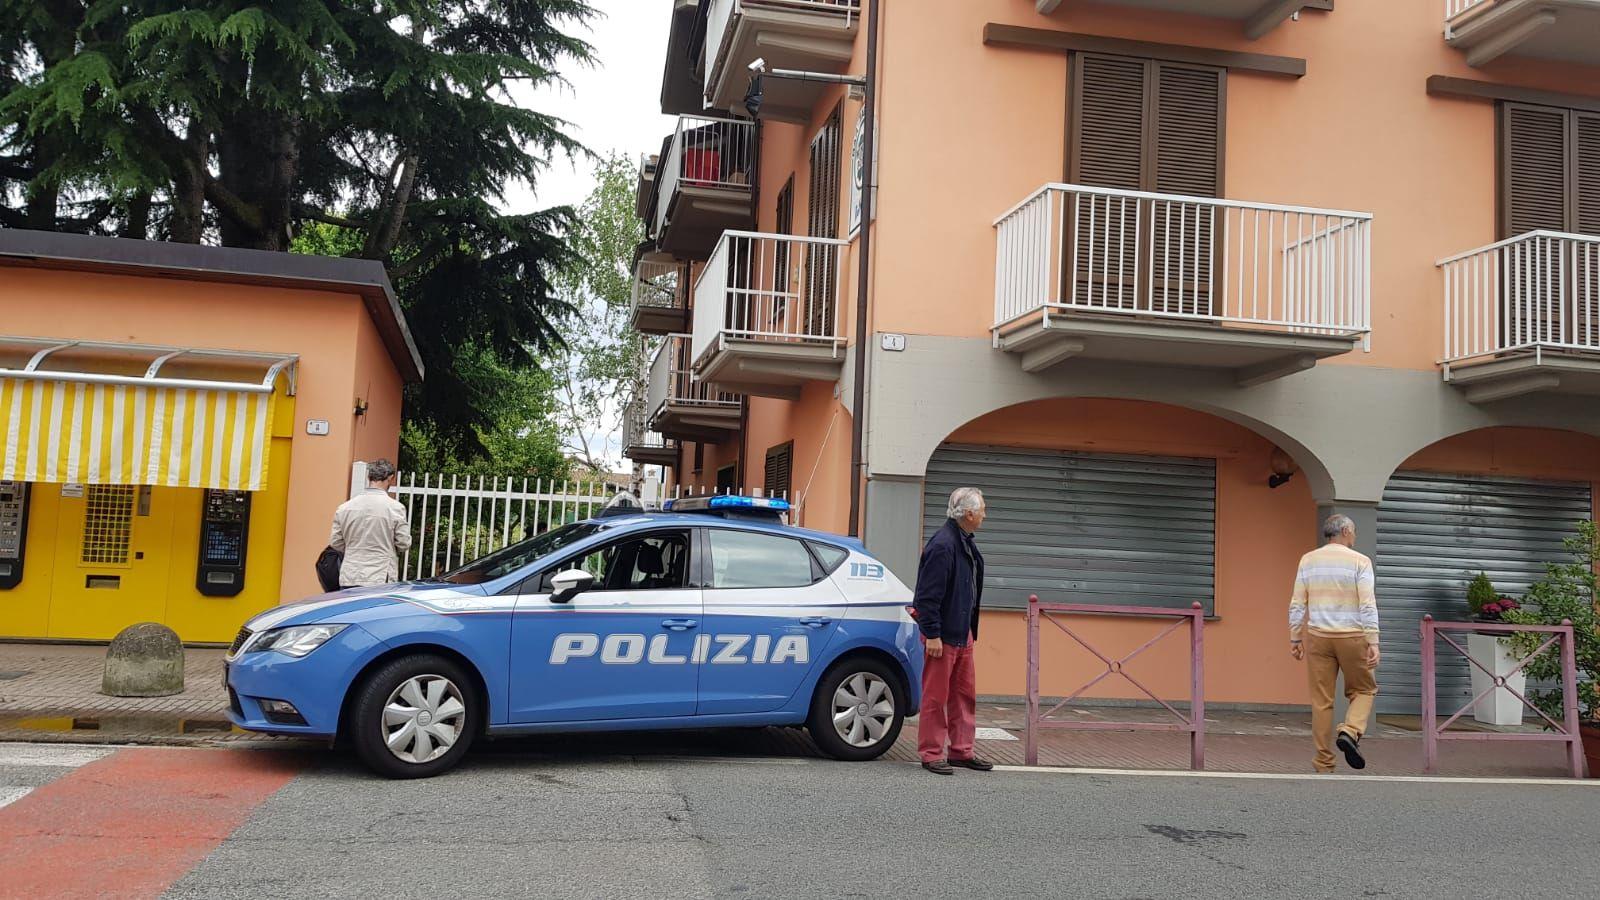 PAVONE CANAVESE - Tabaccaio spara e uccide il ladro: la procura dispone l'esame del Dna sul proiettile ritrovato